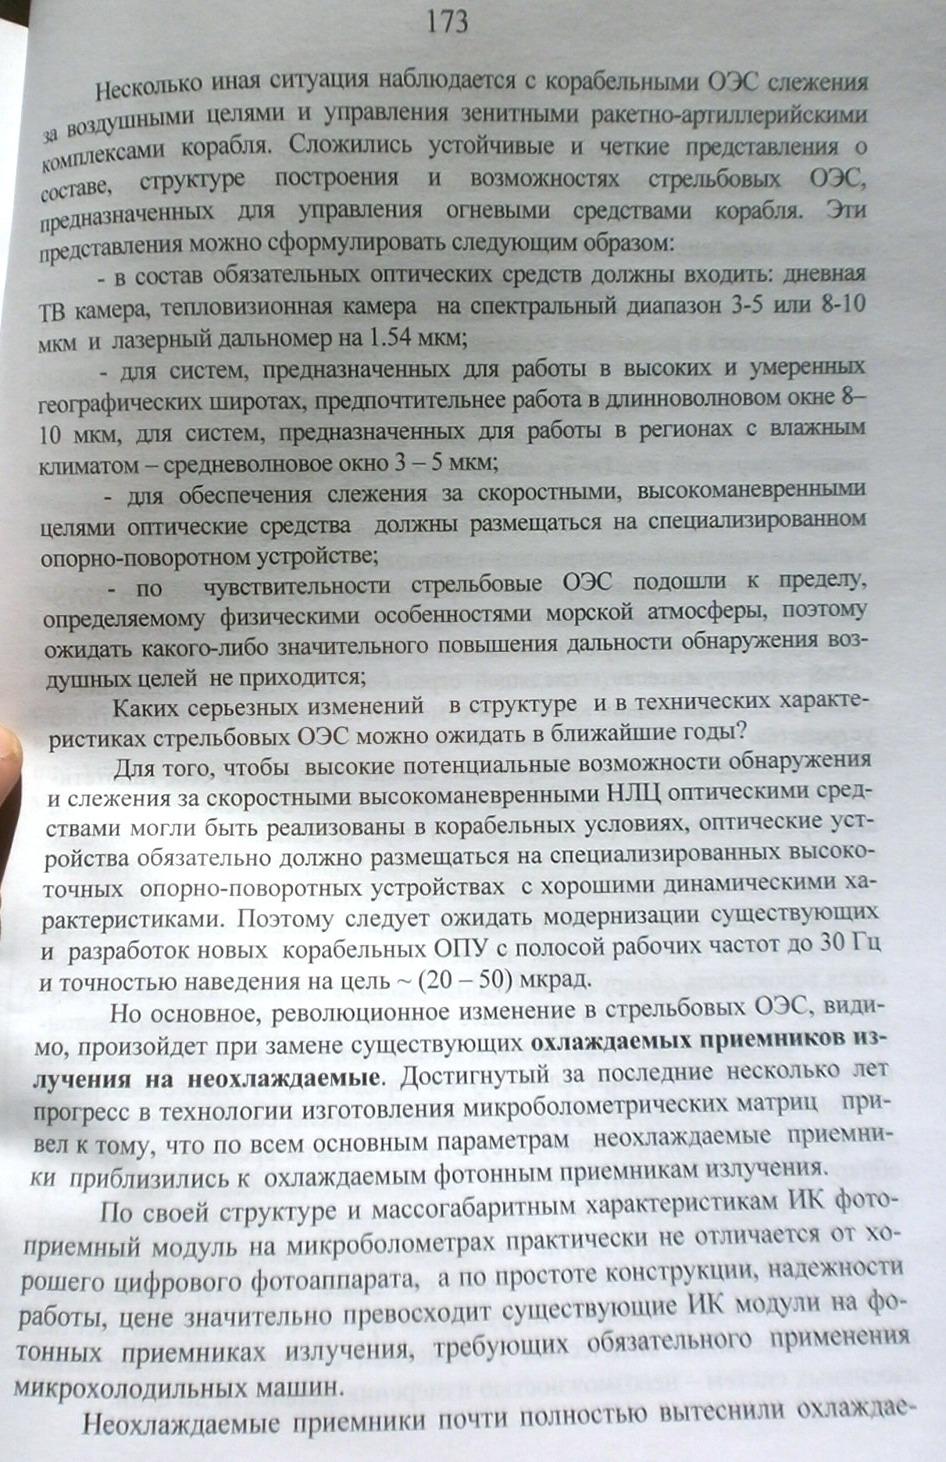 http://s7.uploads.ru/rTwKl.jpg